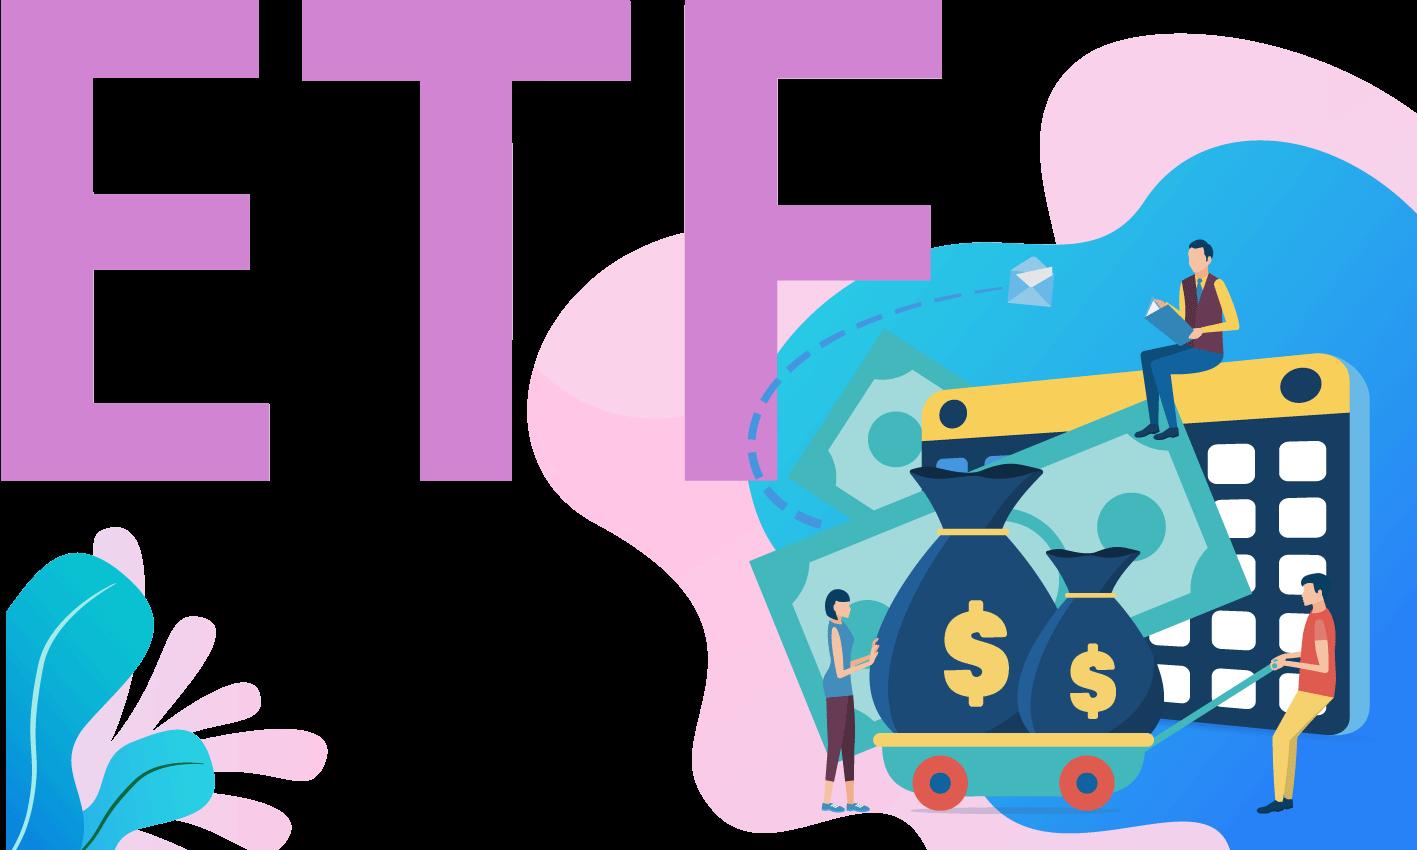 配当金で収入源を追加するなら海外ETFがオススメ